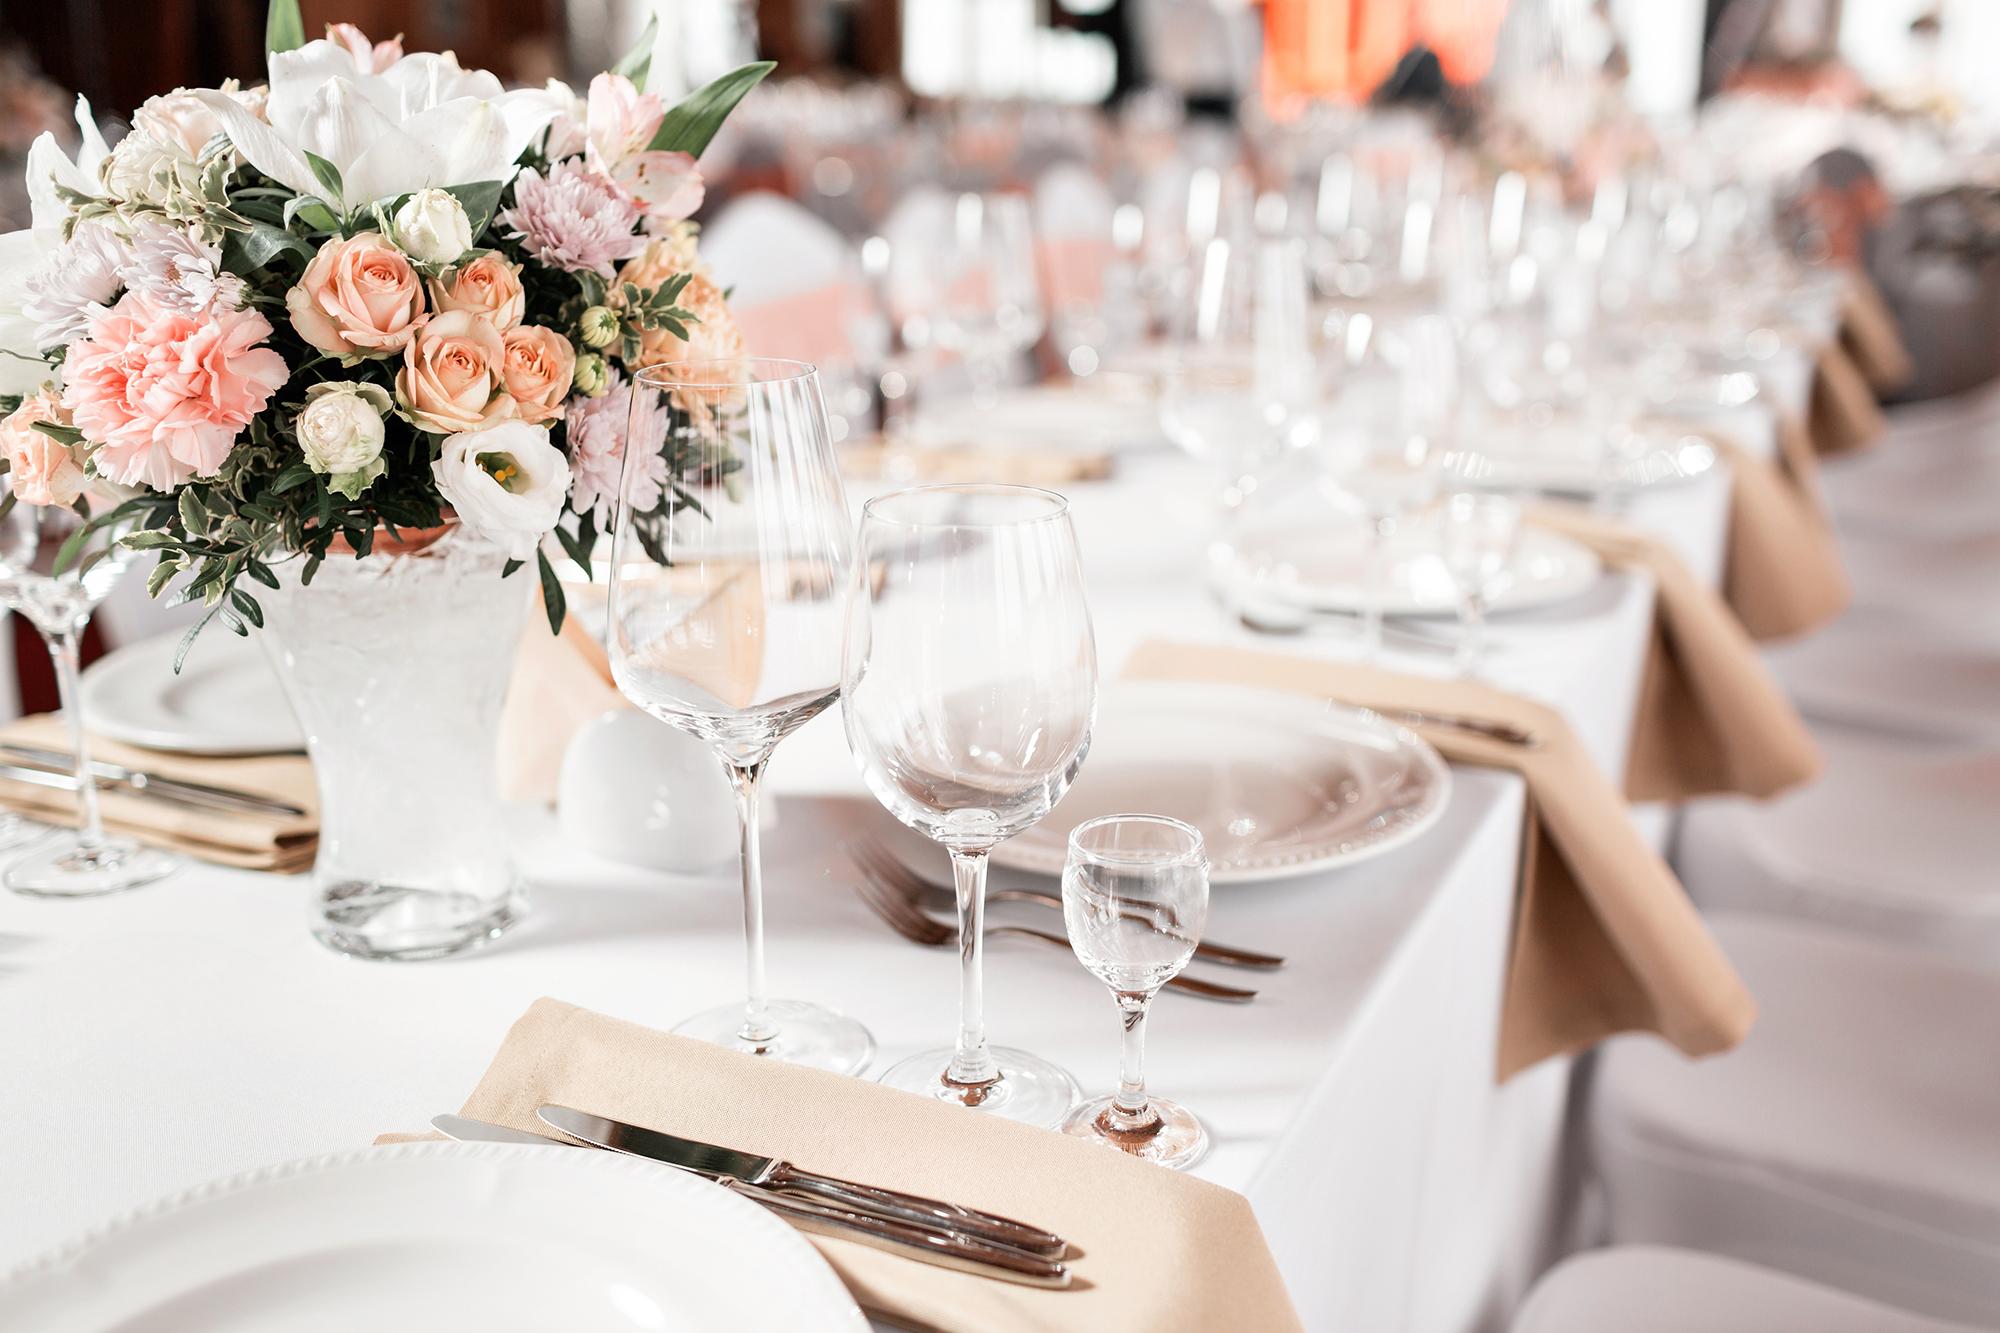 Checkliste: So gelingt Ihre Hochzeitsfeier im Restaurant garantiert